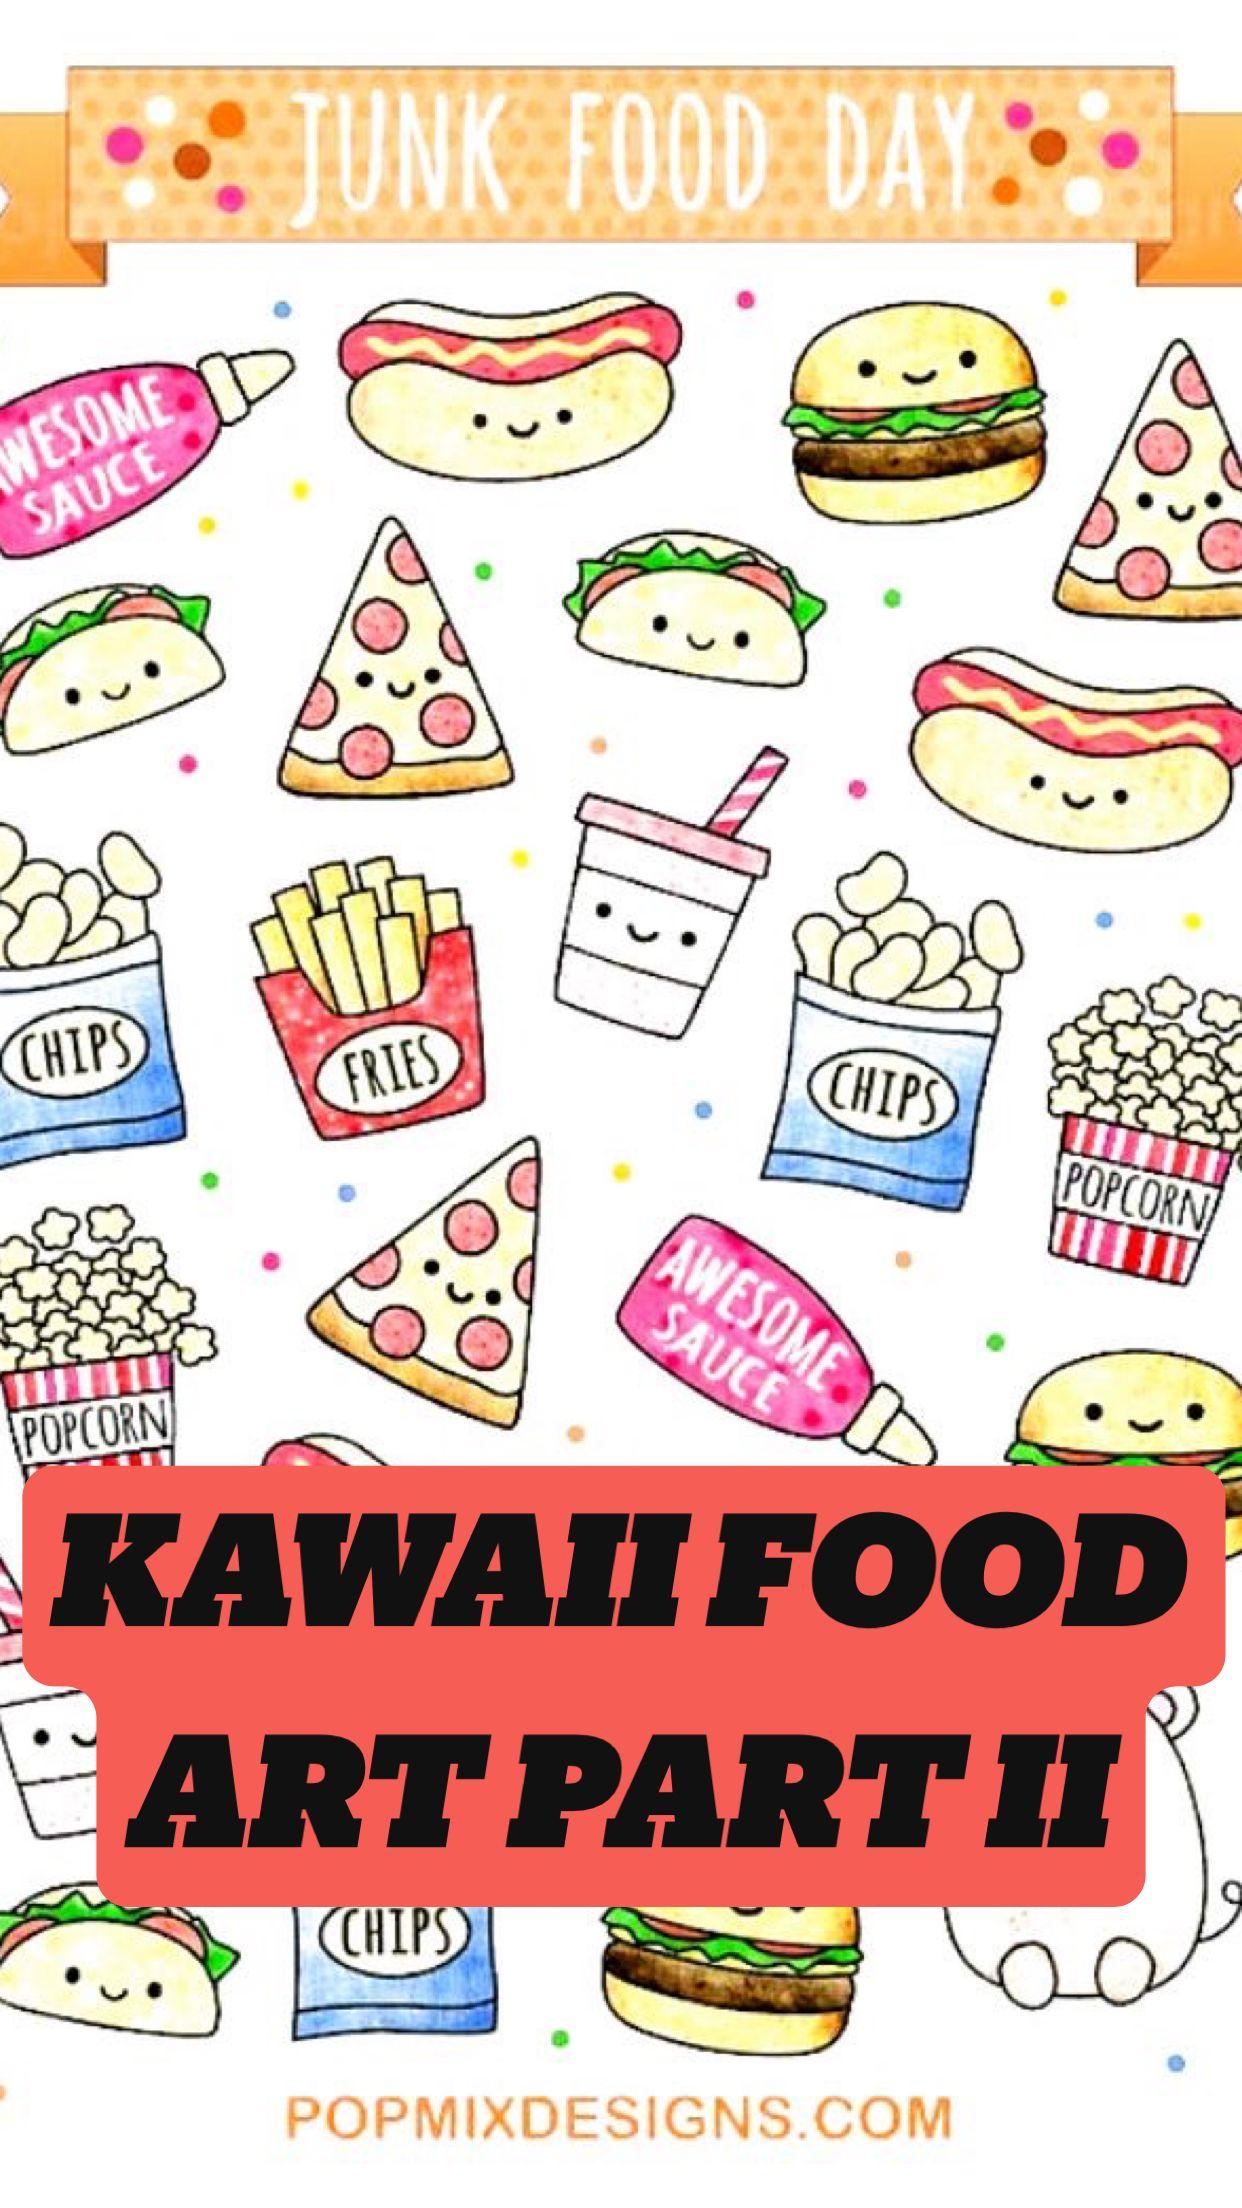 KAWAII FOOD ART PART II